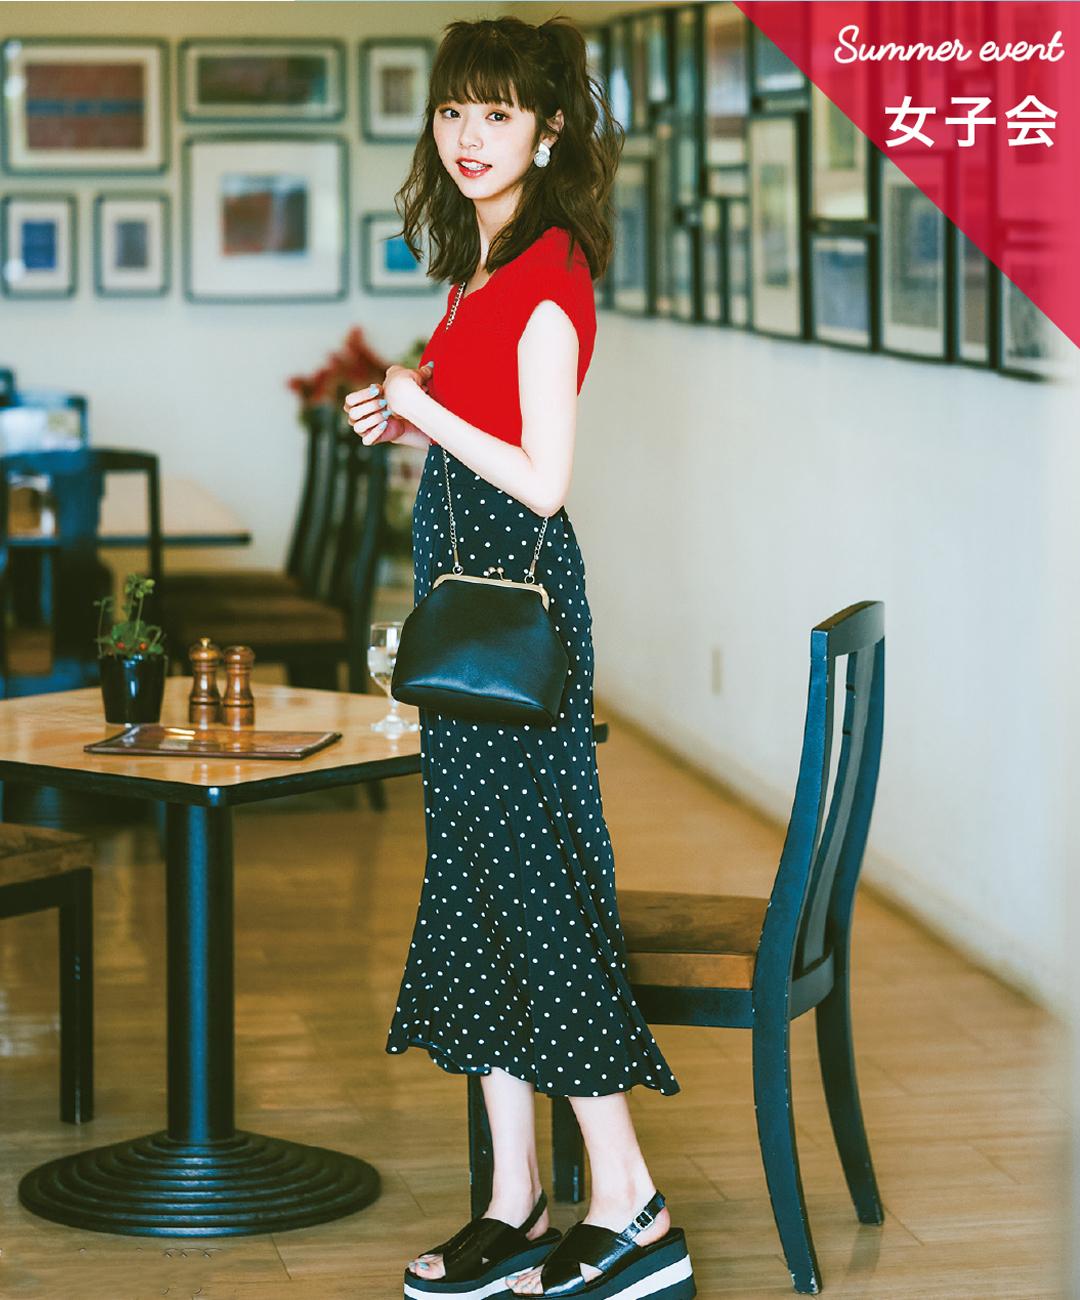 【夏のロングスカートコーデ】鈴木優華は、ドットスカートで真夏のフレンチガーリーに♡